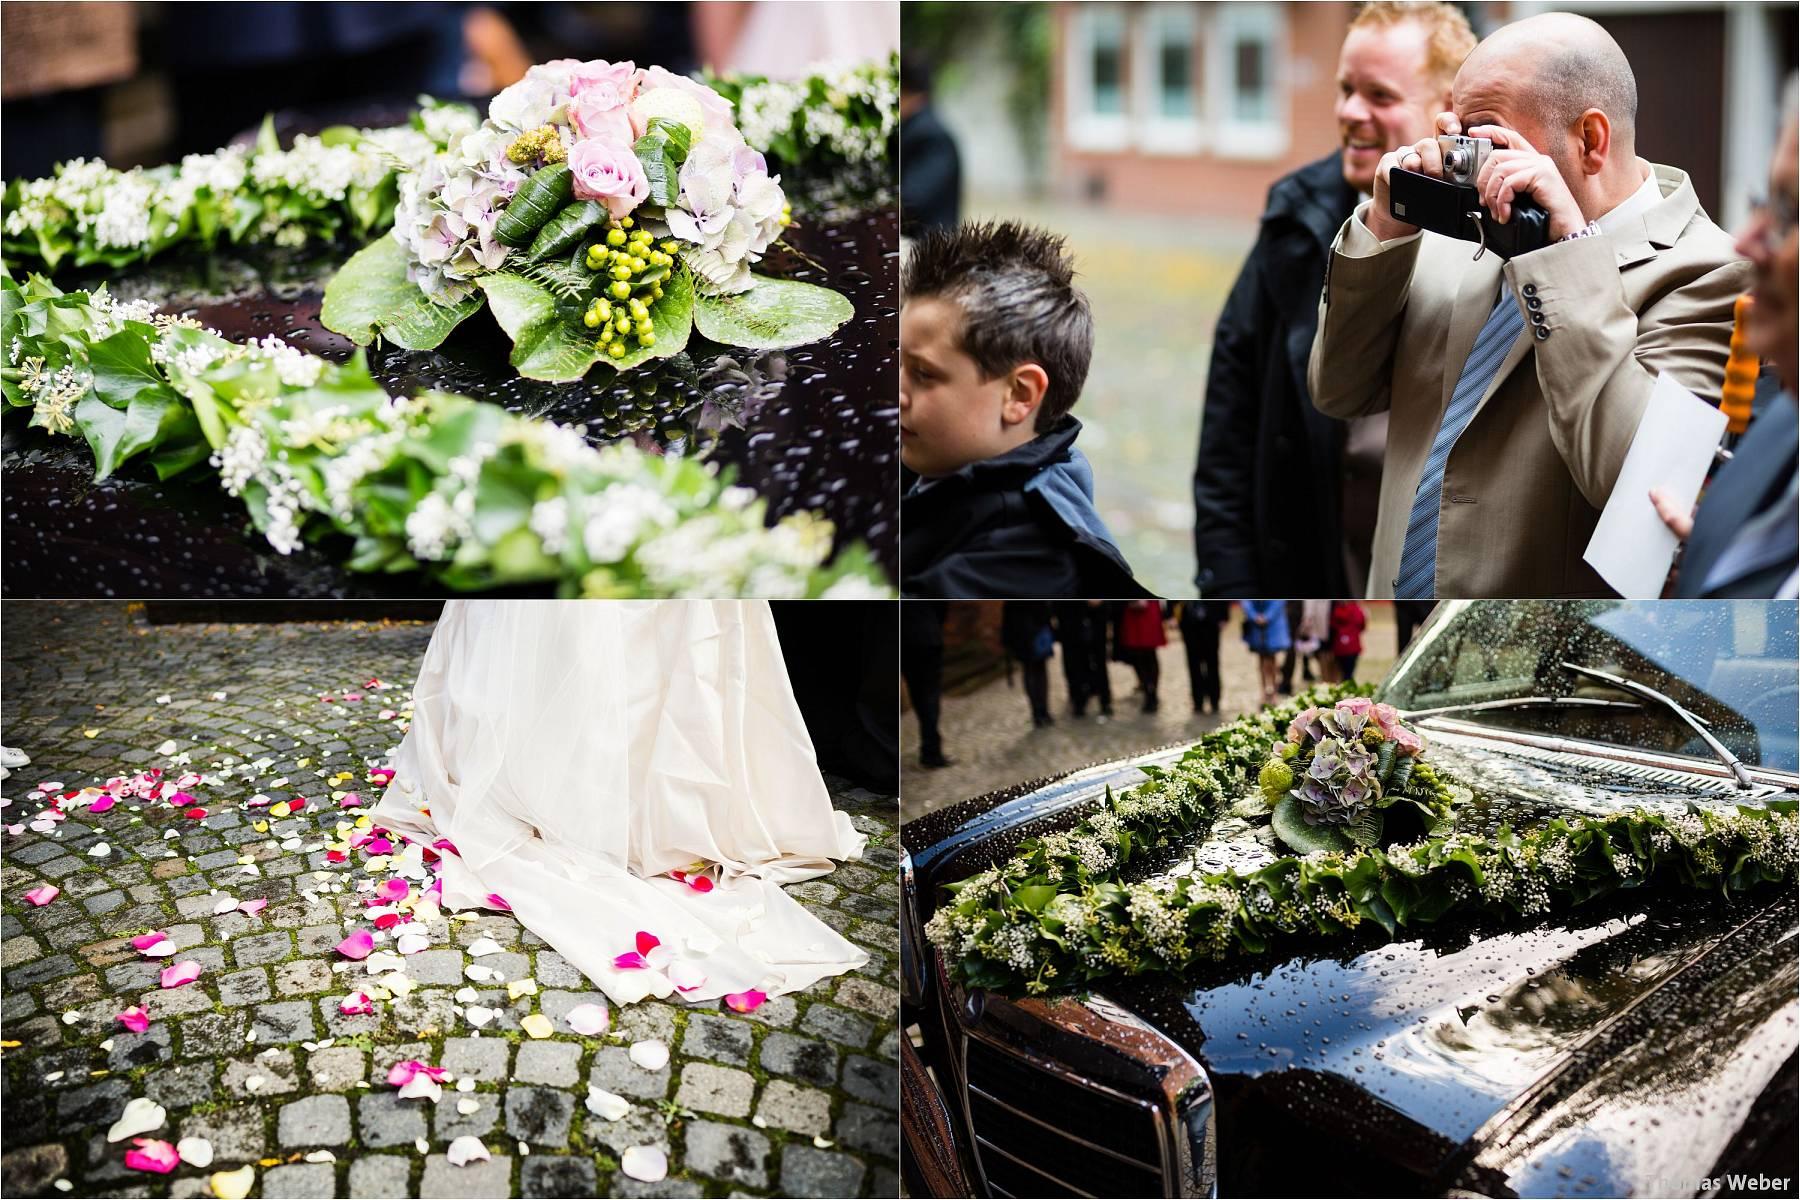 Hochzeitsfotograf Bremen: Kirchliche Trauung in der Propsteikirche St. Johann im Bremer Schnoor und Hochzeitsfeier bei Rogge Dünsen (18)